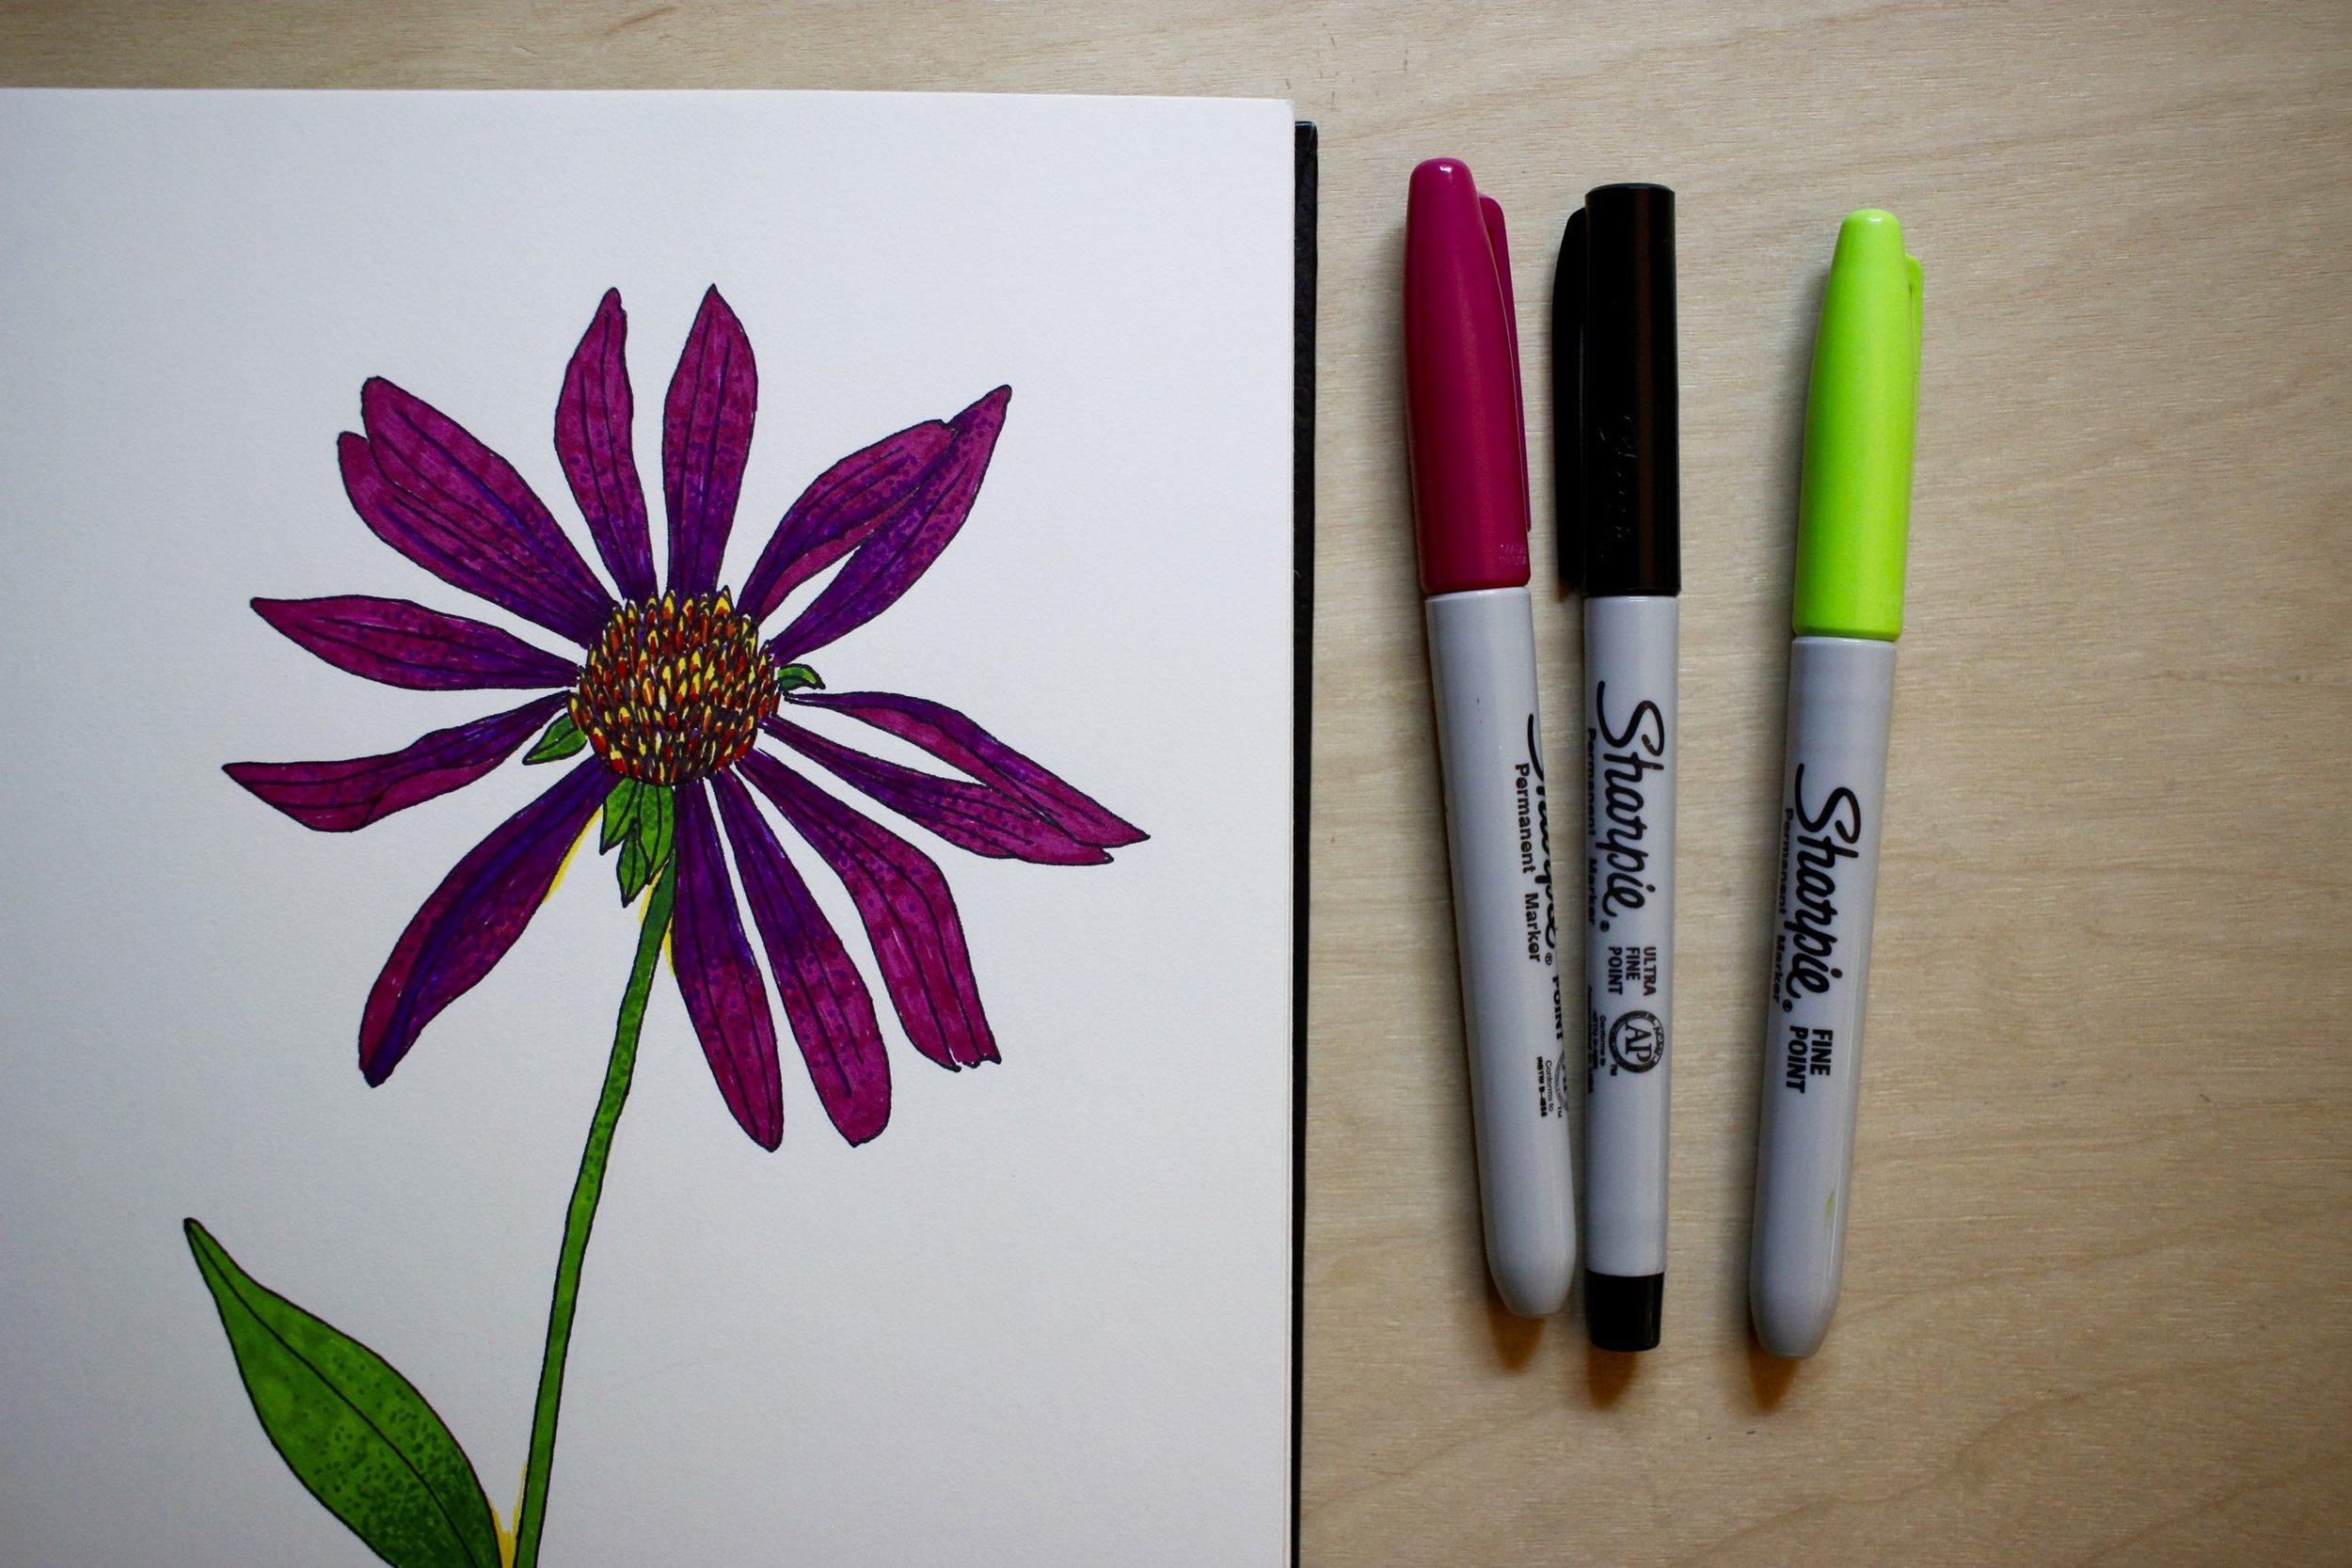 Echinacea drawing in my sketchbook